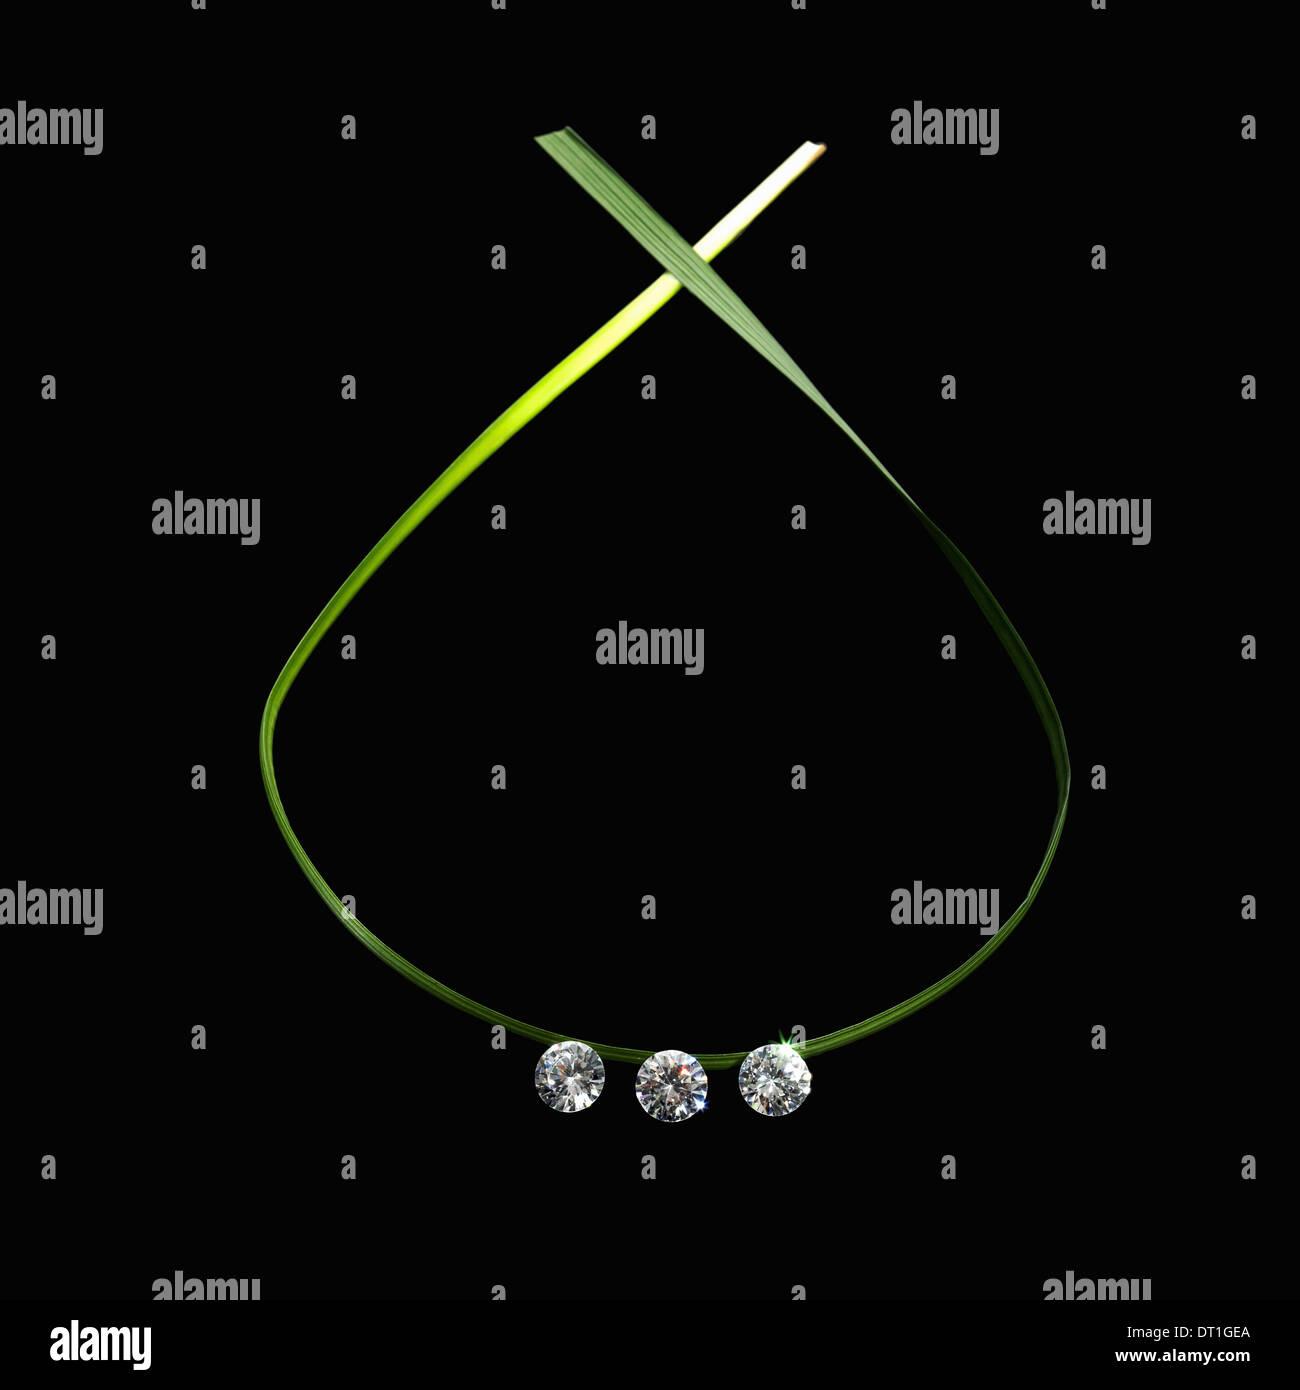 Une feuille verte décorations chose et télévision dans une boucle avec trois petites perles en verre taillé de gem qui reflète la lumière Photo Stock